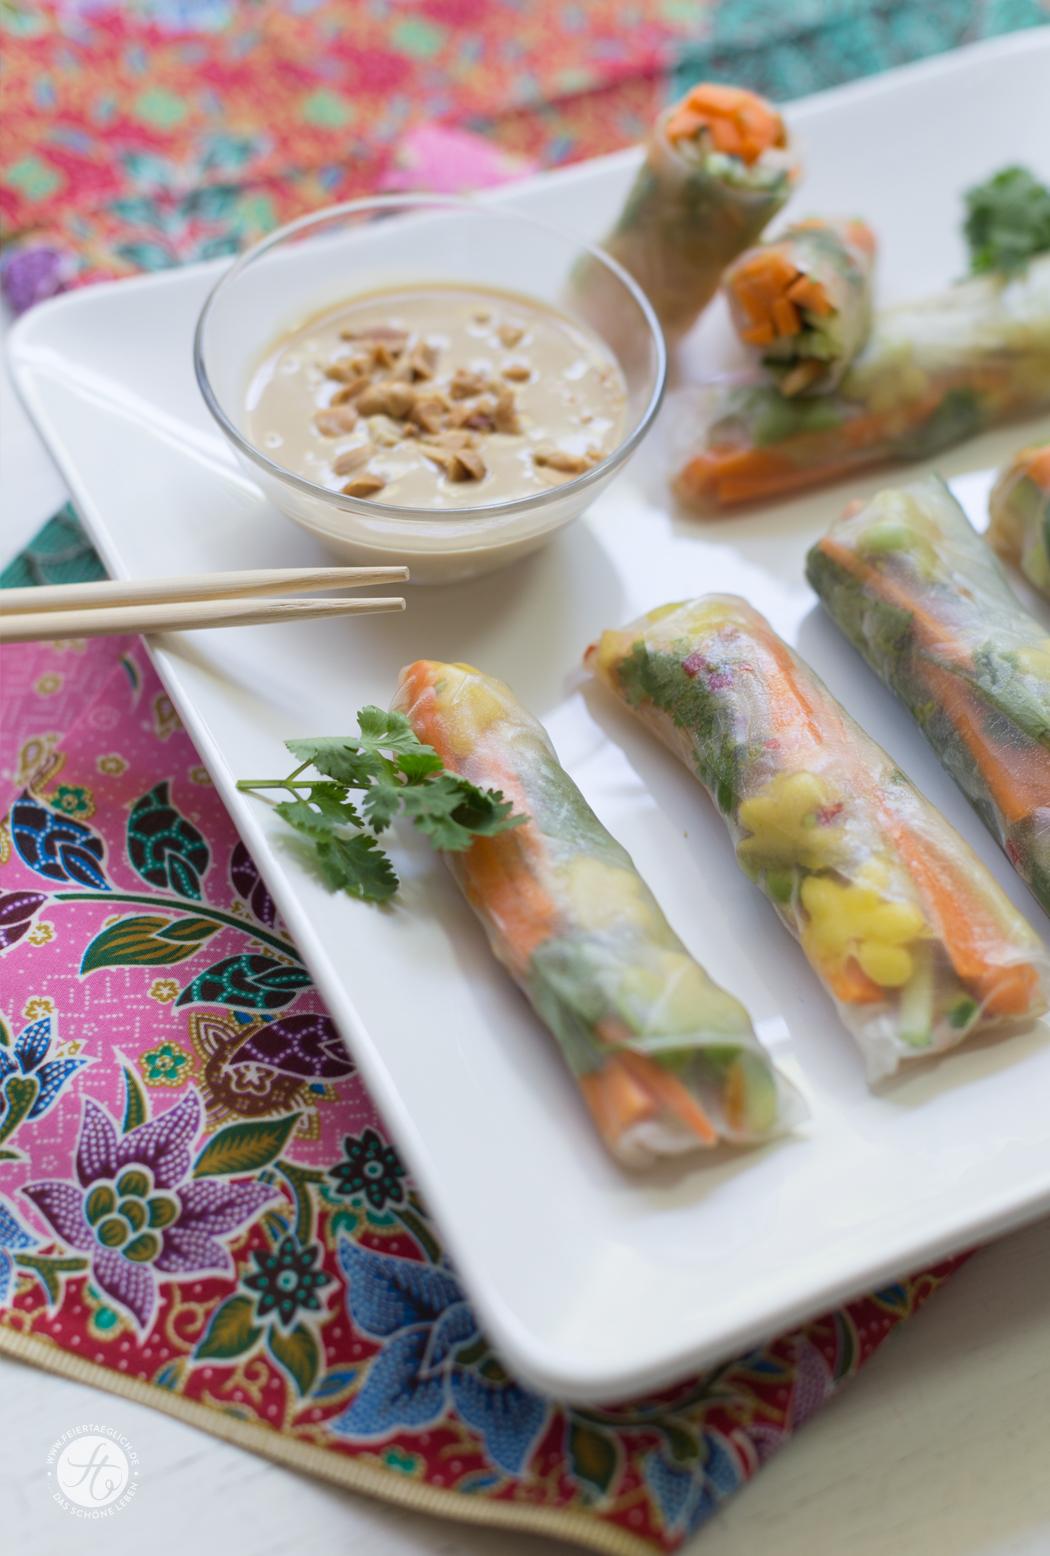 Sommerrollen mit Mango und Avocado, dazu Erdnuss-Sauce (vegan) – ein Rezept für einen kleinen kulinarischen Thailand Ausflug